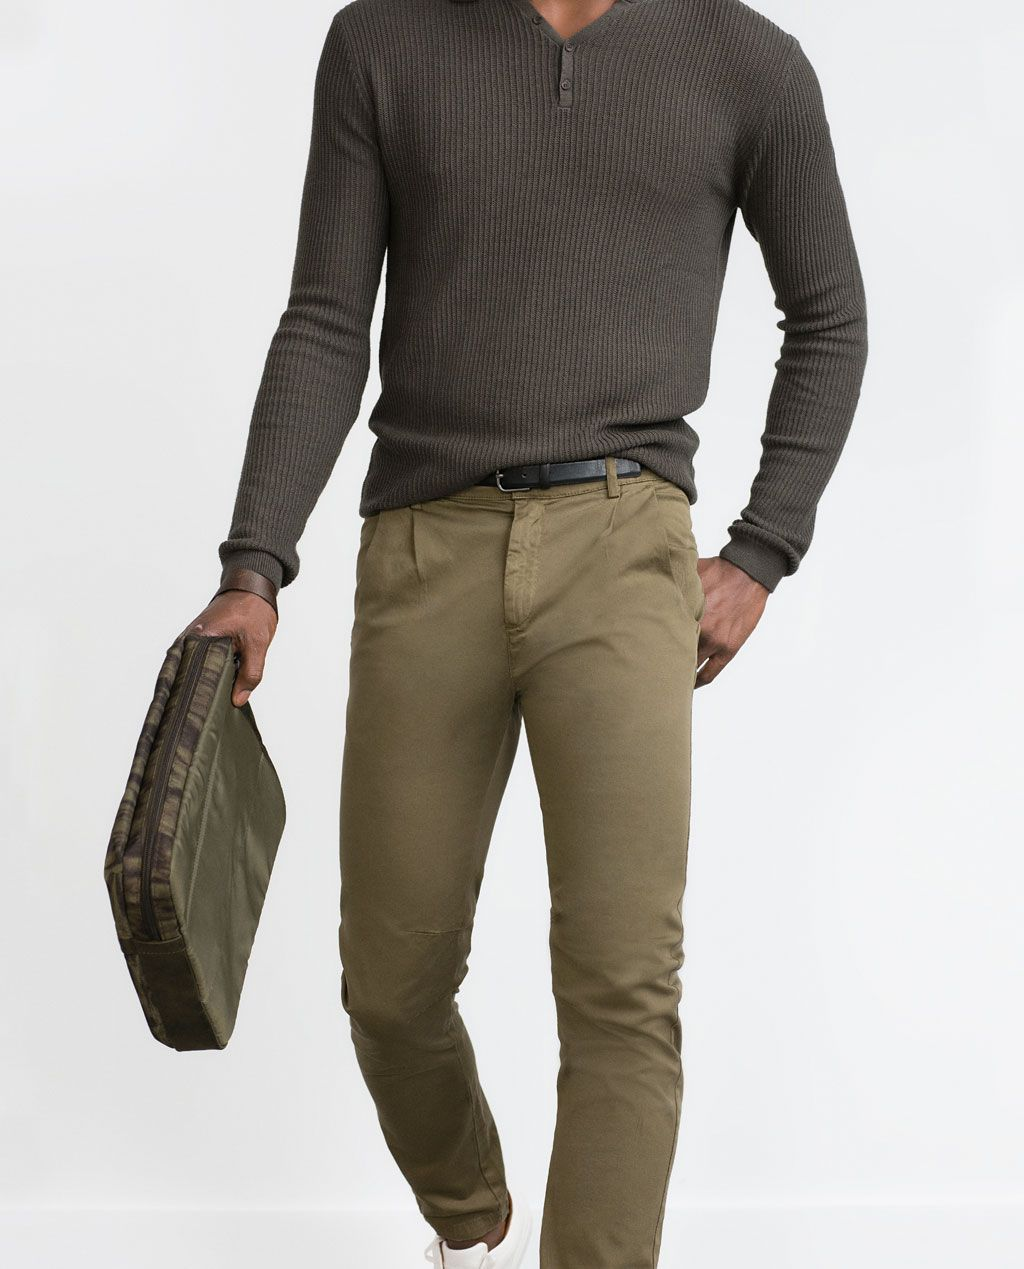 Pantanones De Vestir Hombre Zara